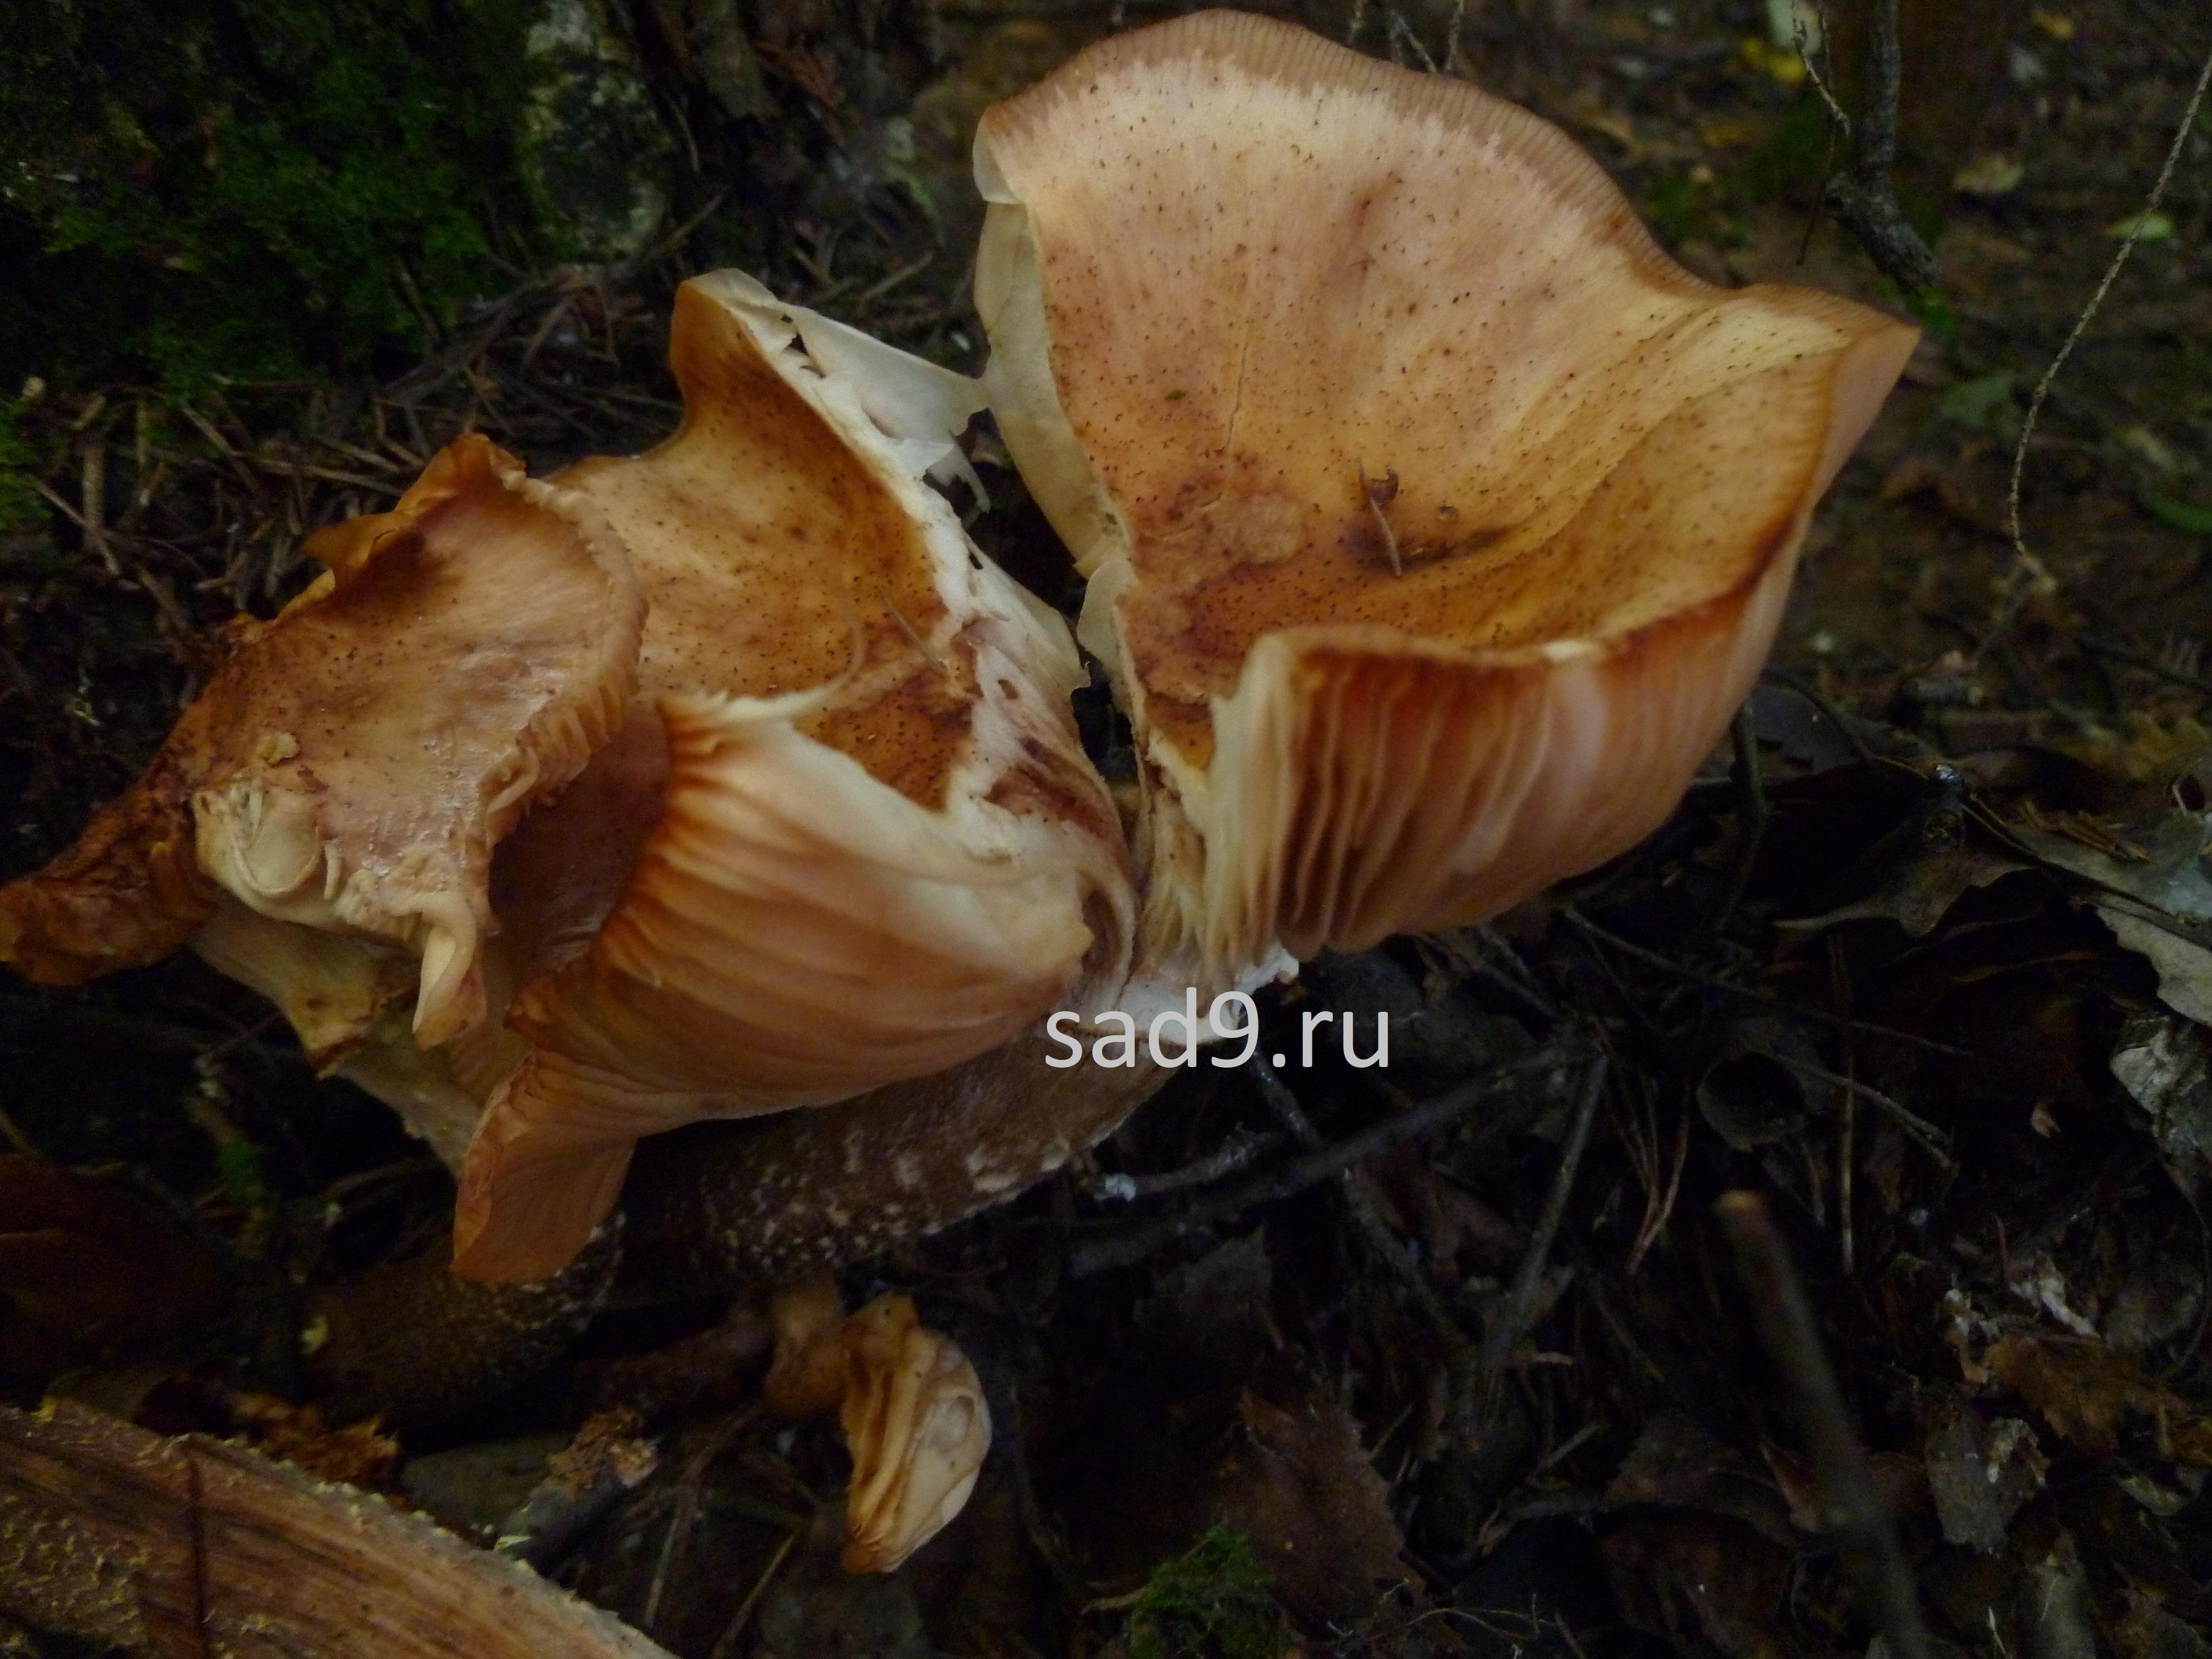 Интересные фото грибов в лесу